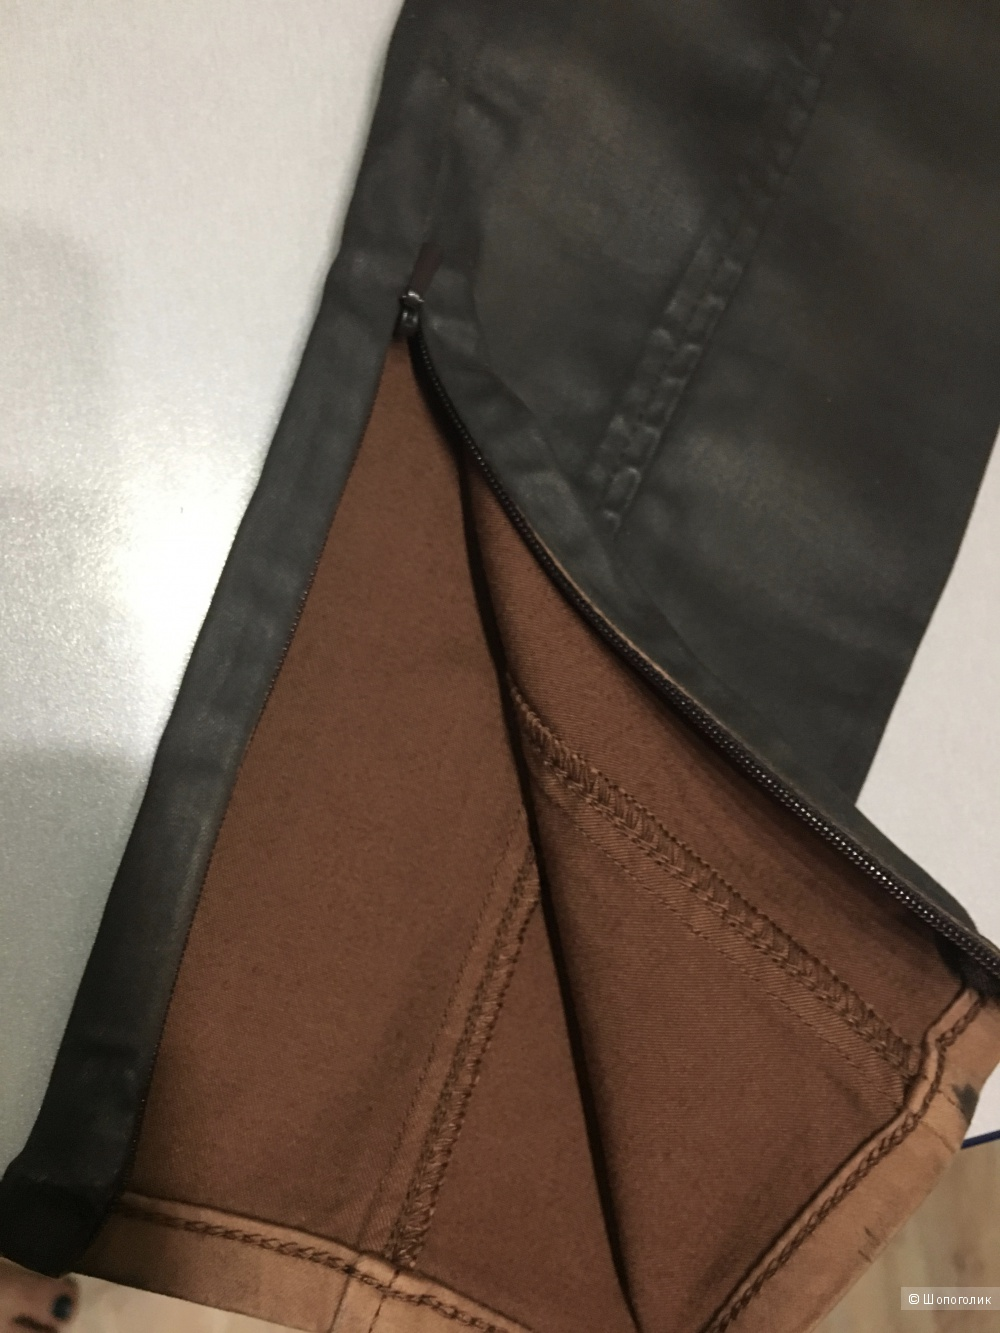 Джеггинсы POLO RALPH LAUREN, 30 (Размер Джинсов). Темно-коричневый